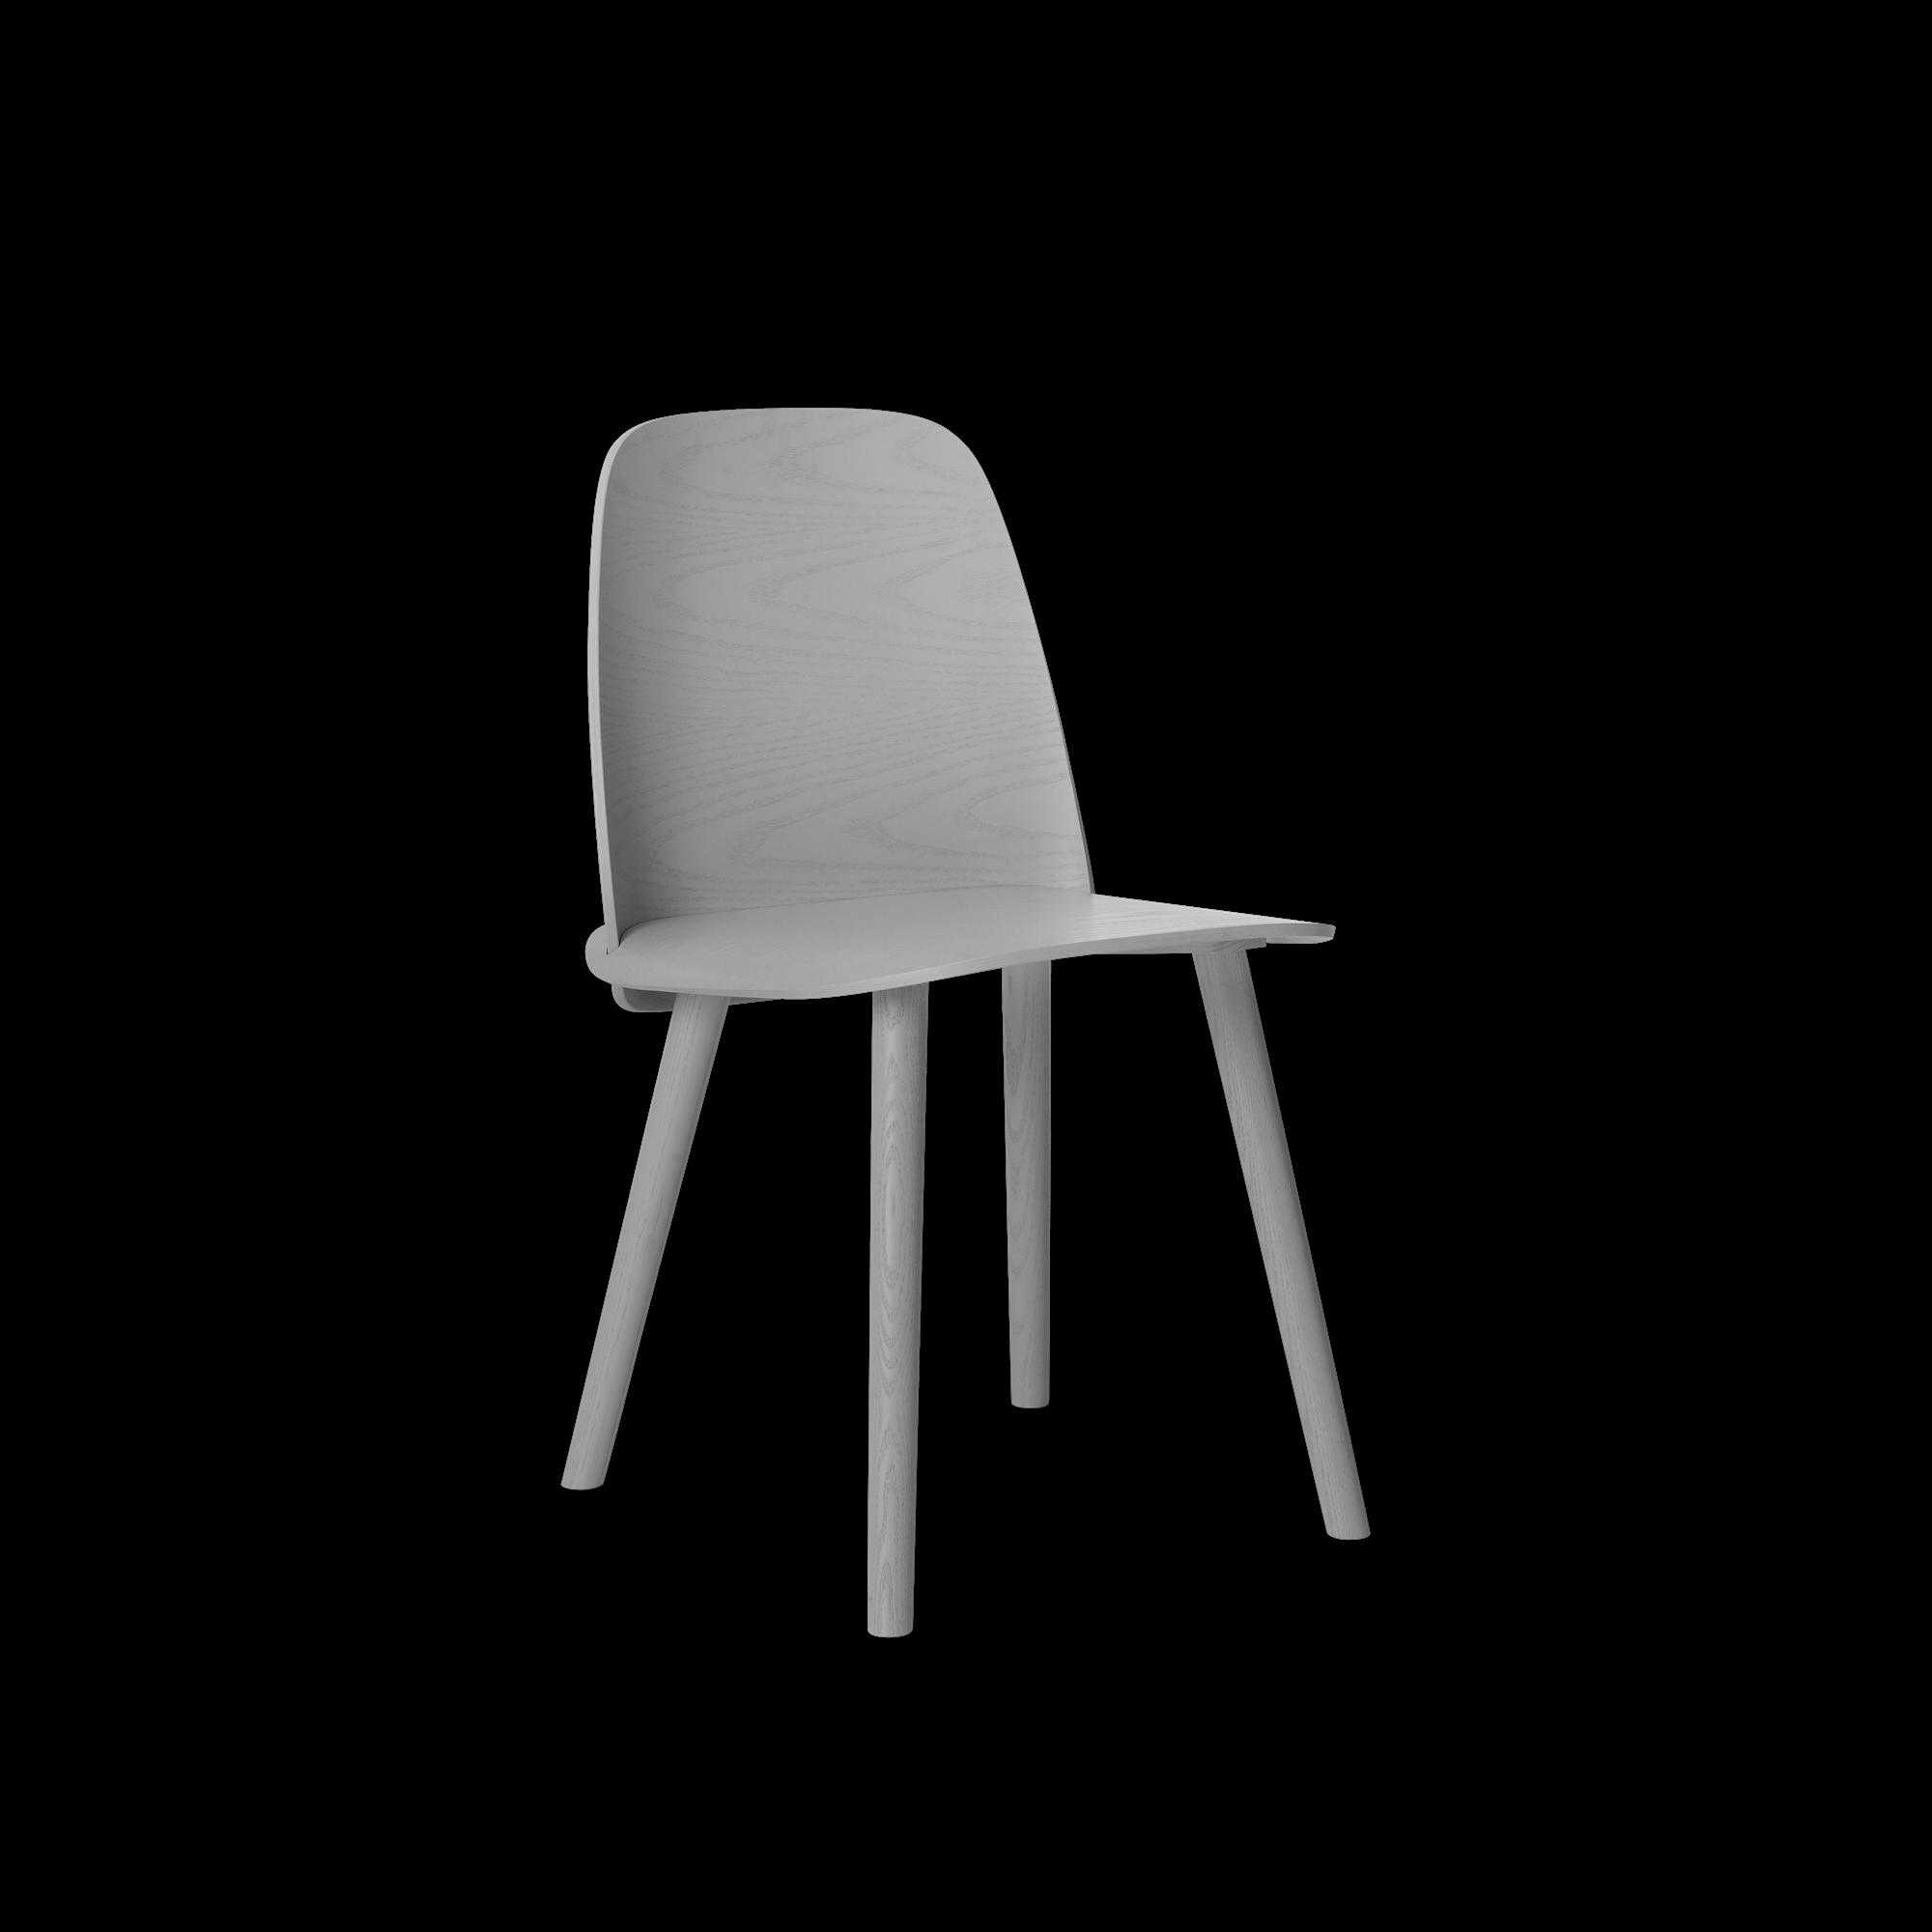 21403-nerd-chair-grey-1502286882-6931276.png